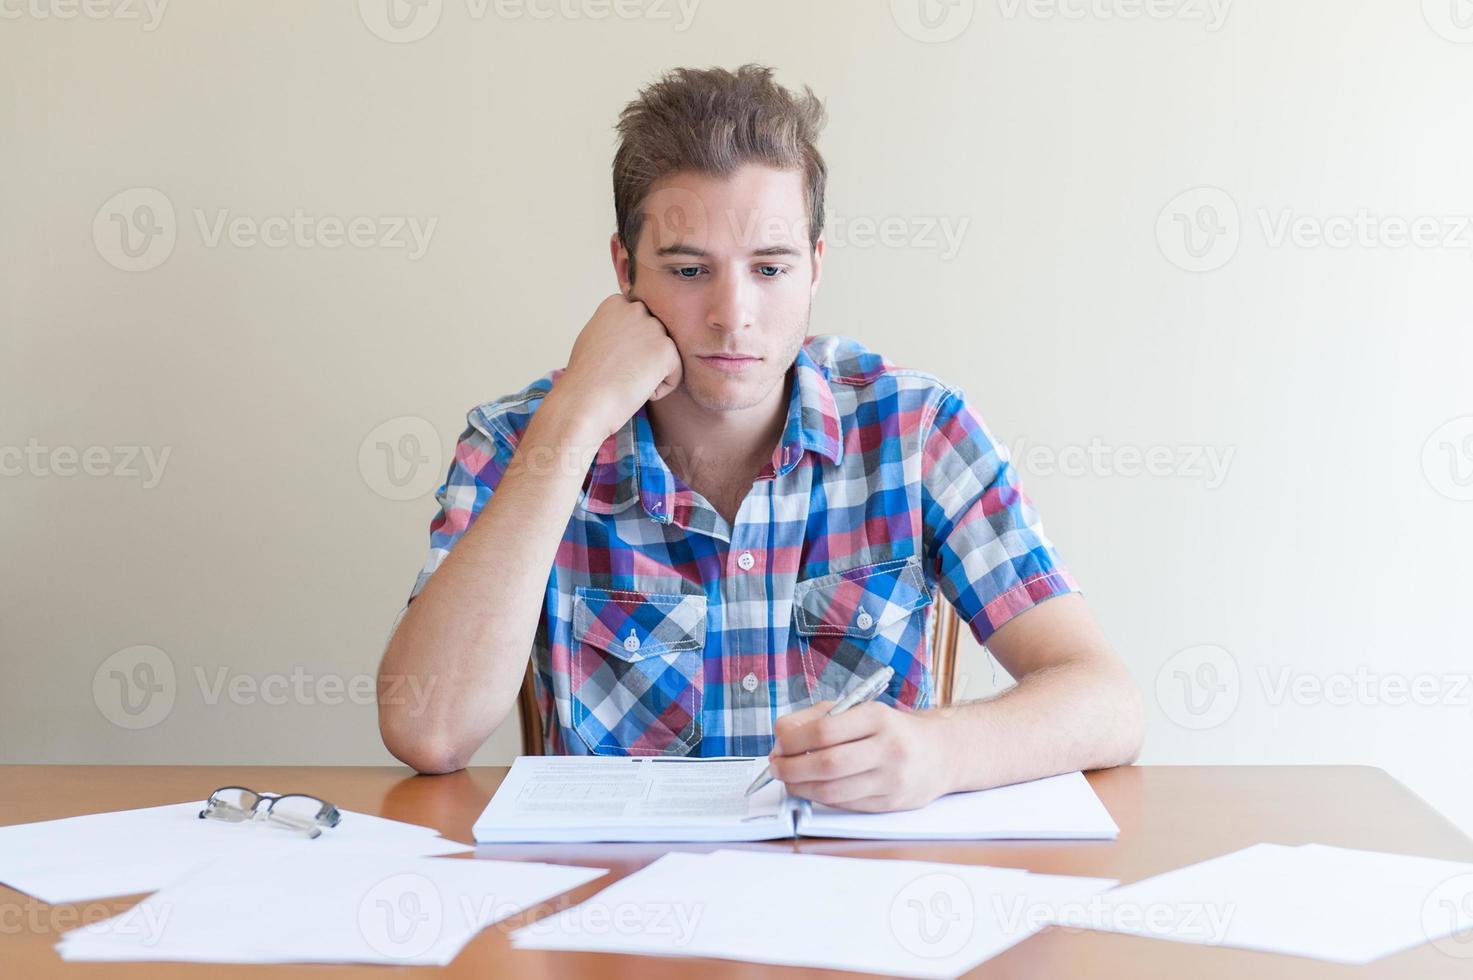 adulto joven estudiando, sintiéndose frustrado, en un escritorio desordenado foto